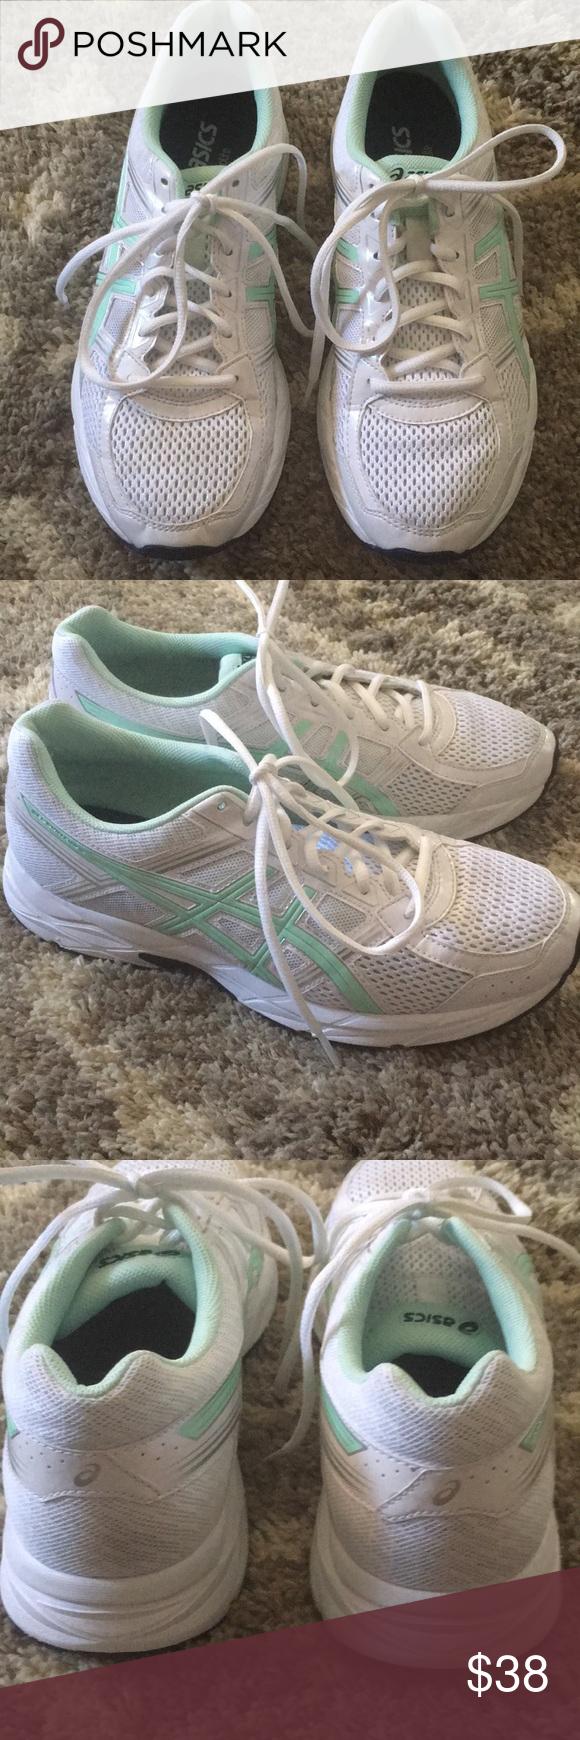 ASICS Ortholite Shoes Size 9.5 ASICS